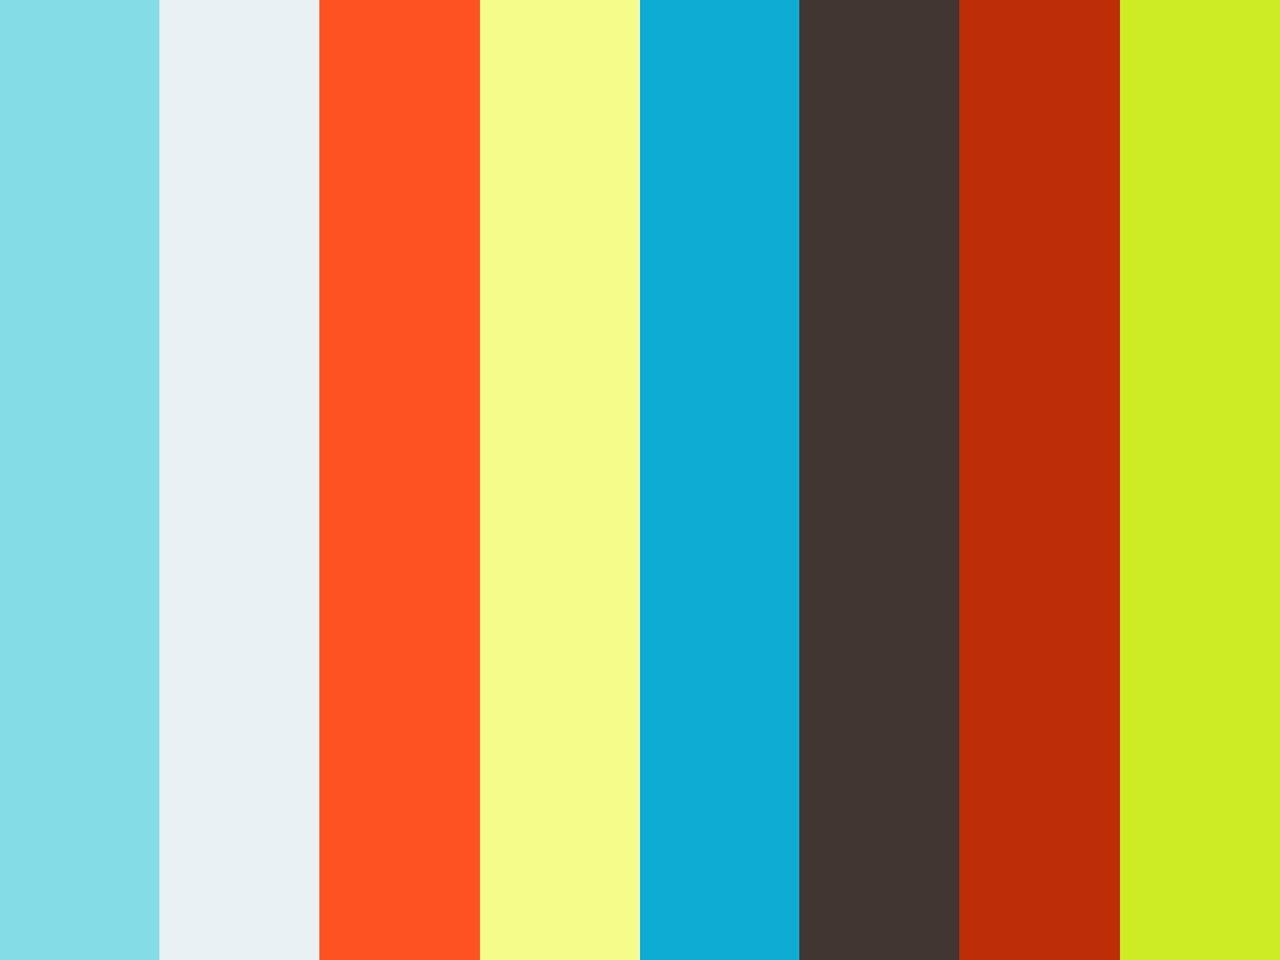 Wyeth: Trailer